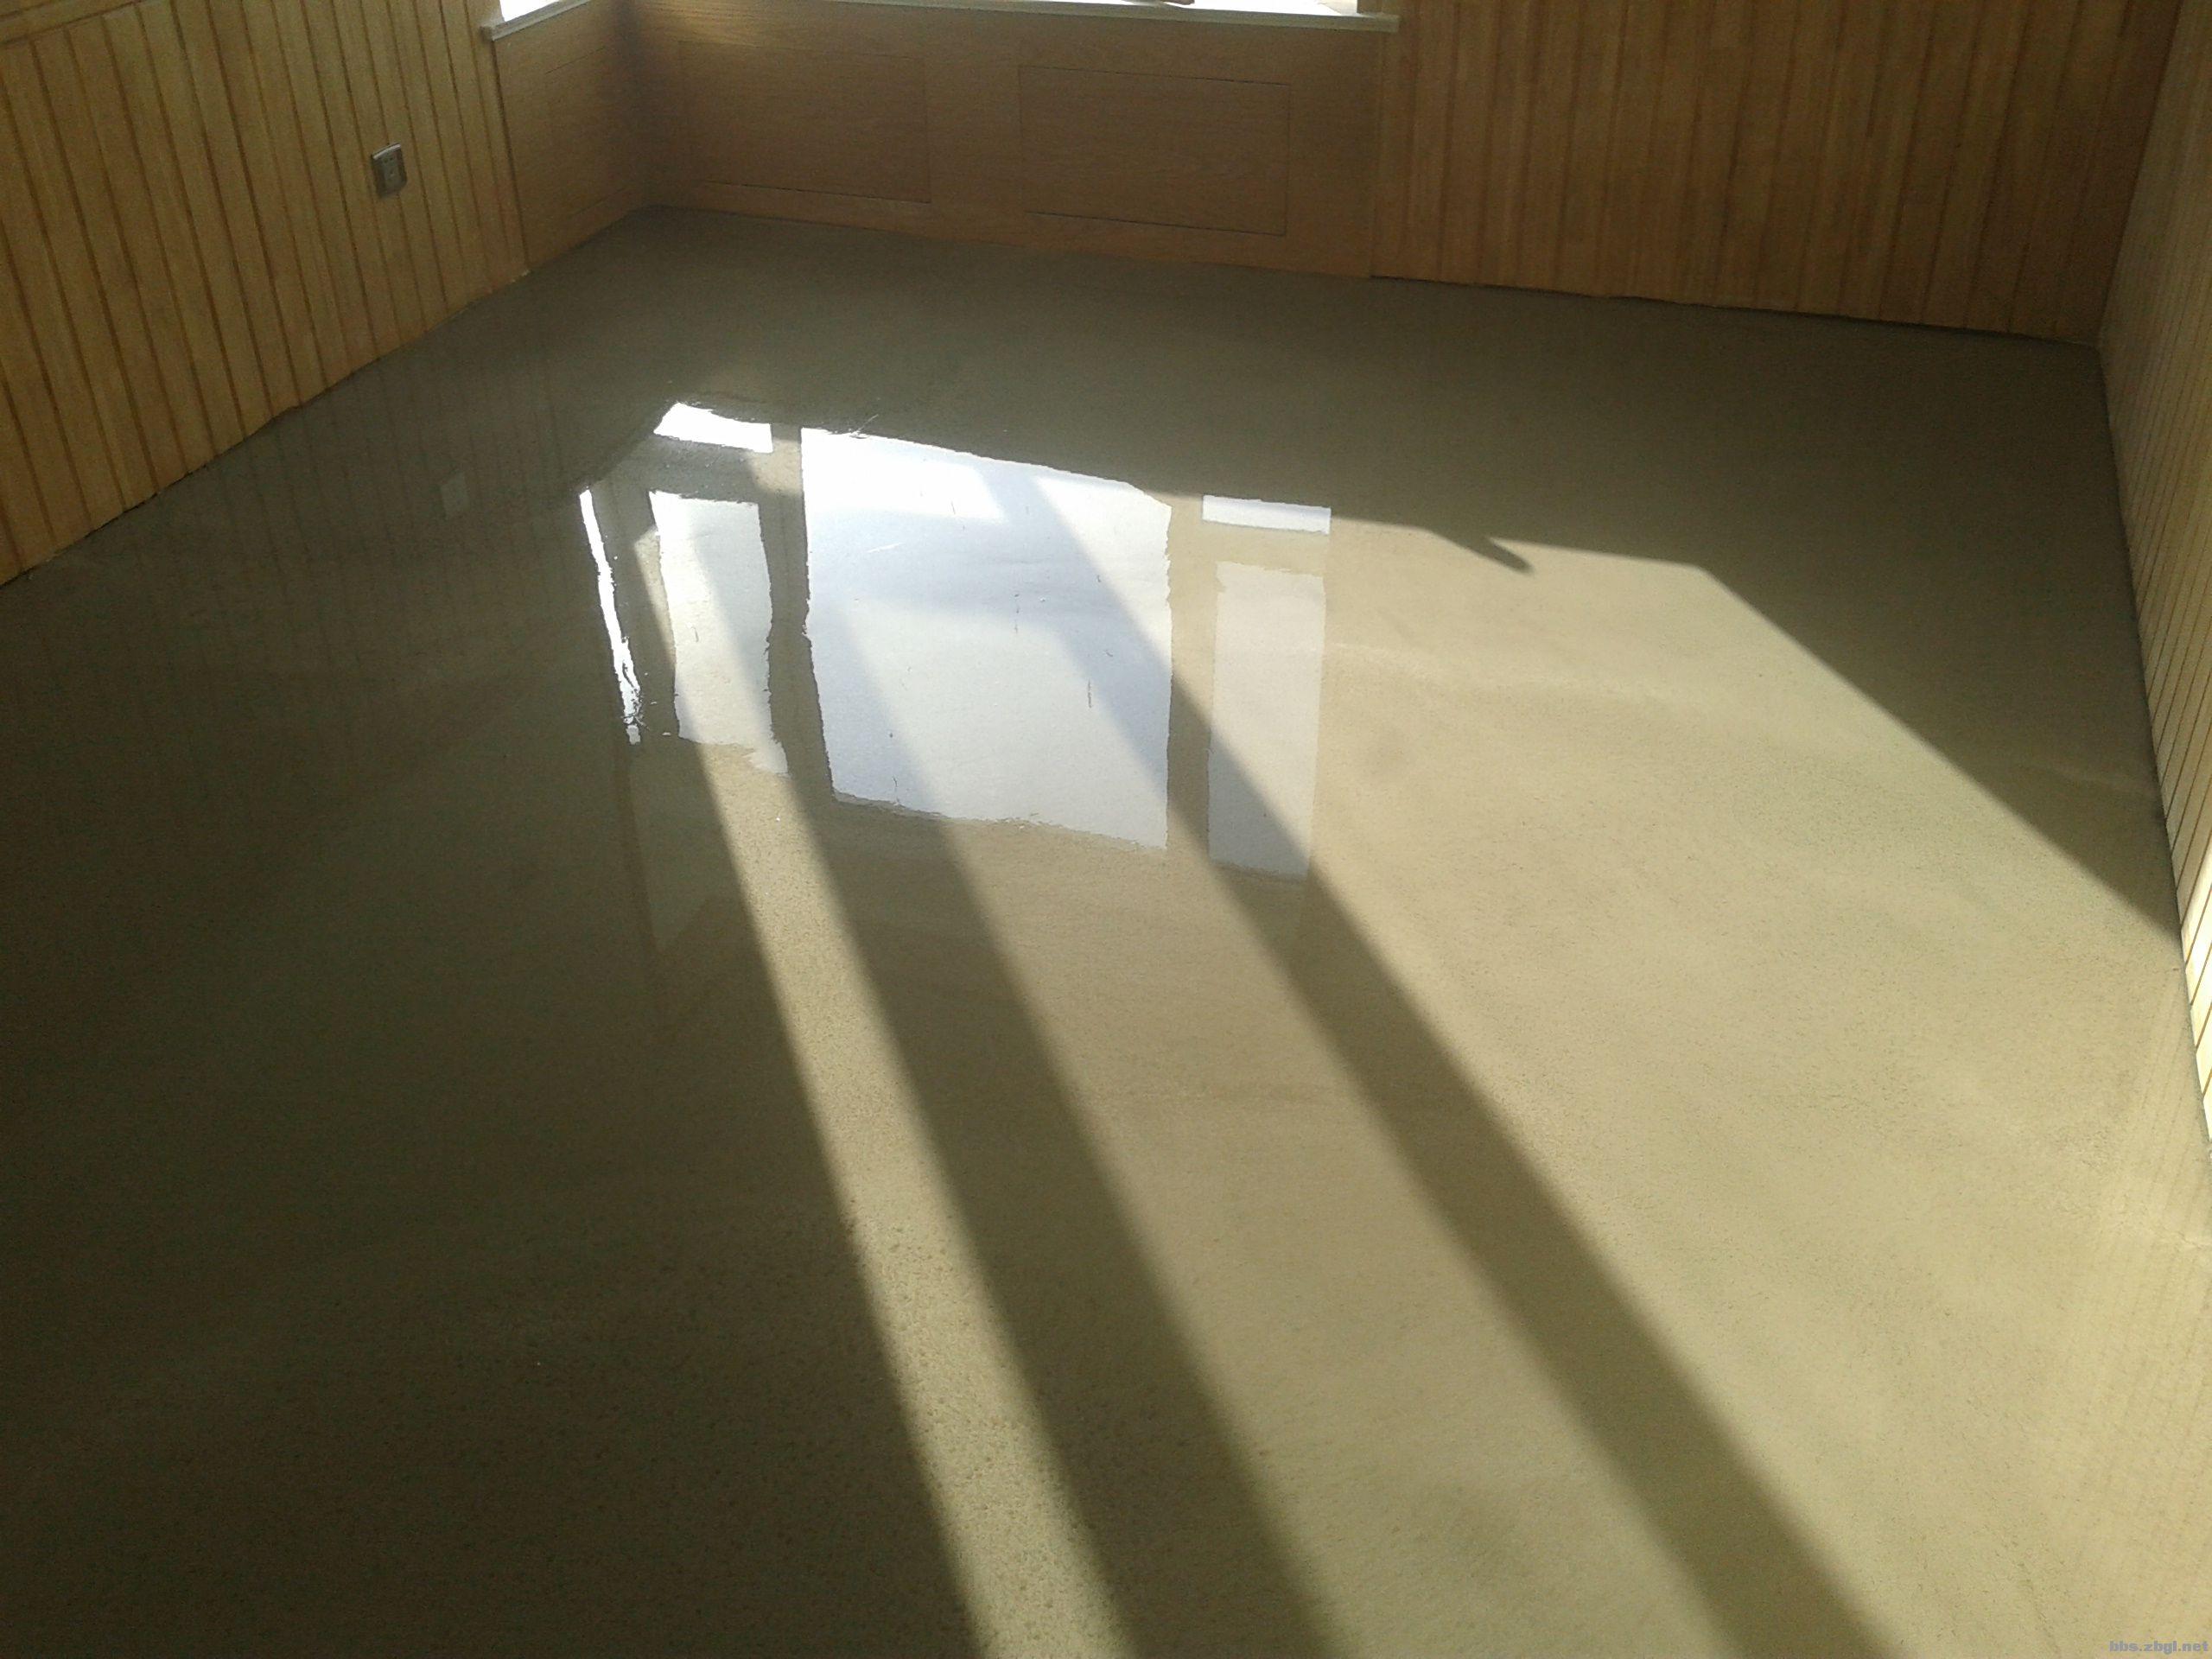 专业地面自流平水泥施工找平,塑胶地板铺设安装,欢迎个人装修公司联系